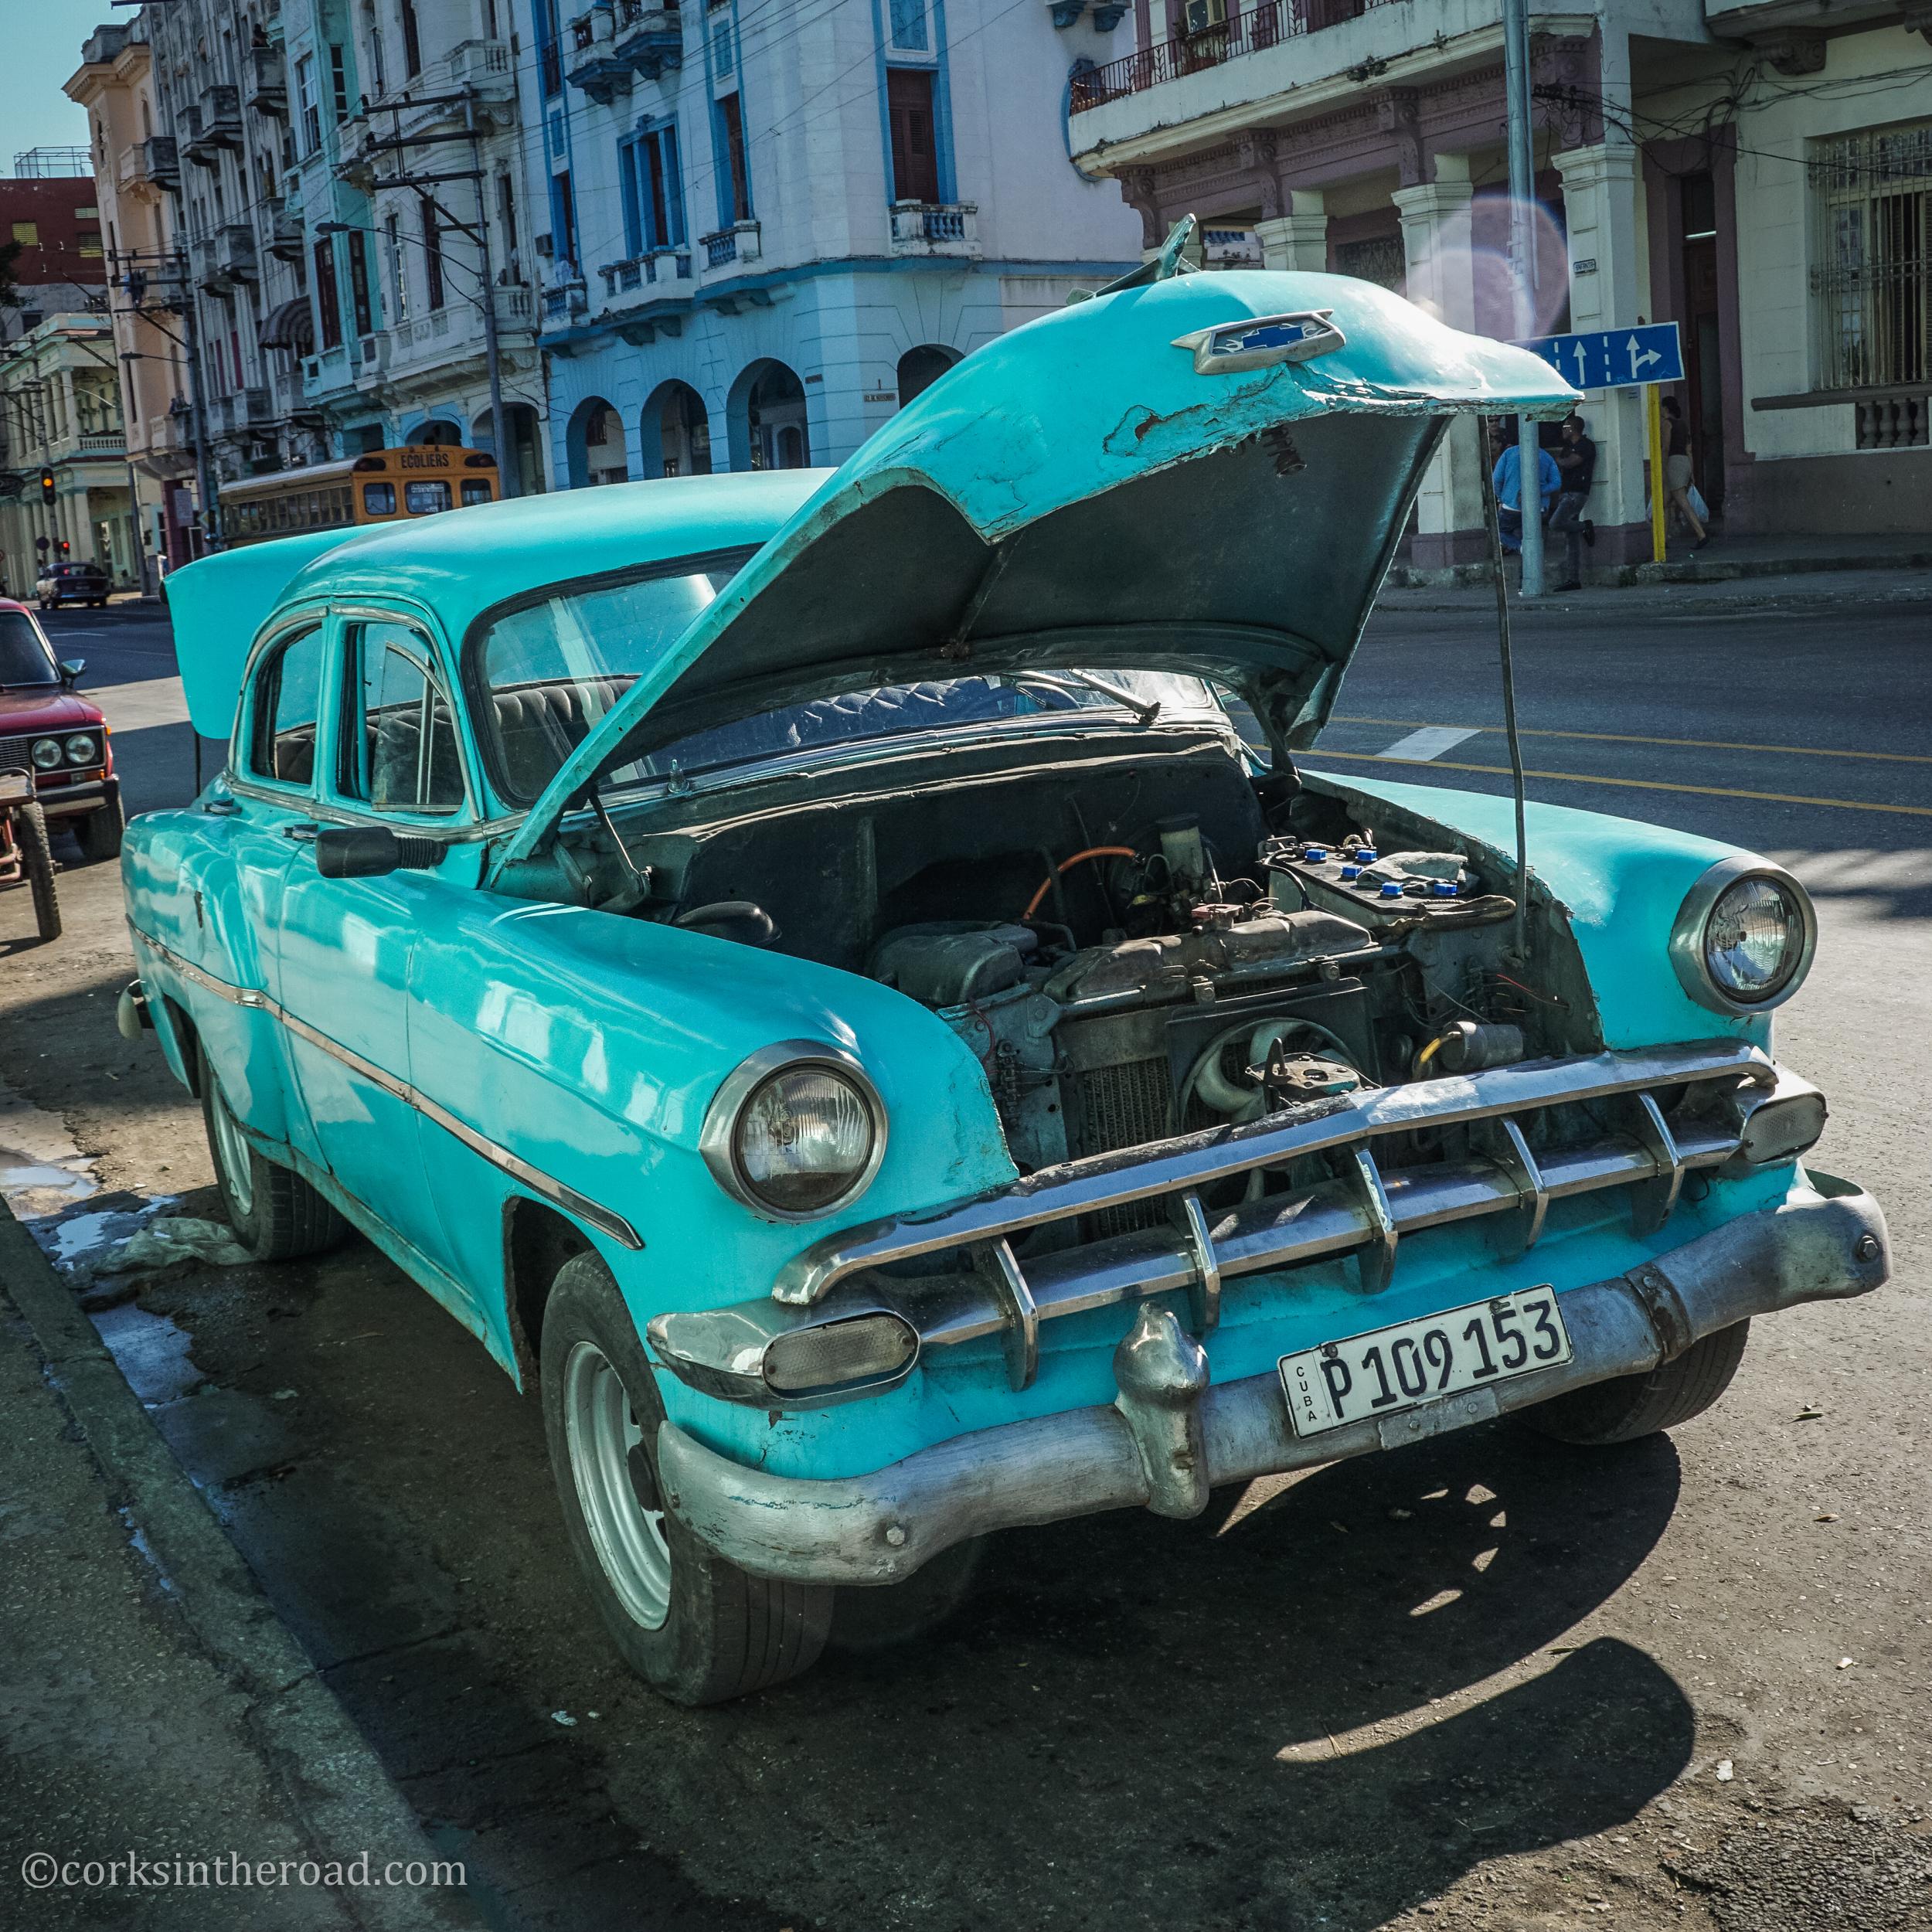 Cars, Corksintheroad, Cuba, Havana-8.jpg